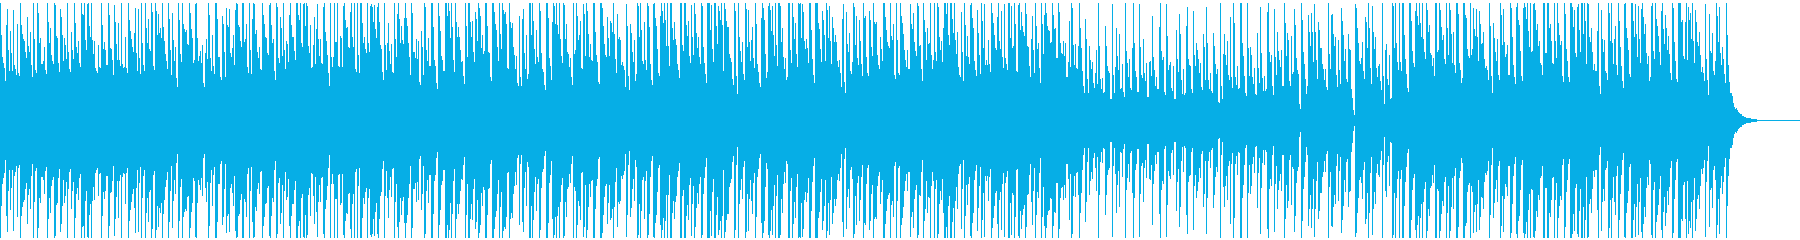 映像BGM かわいいけどしっかりサウンドの再生済みの波形